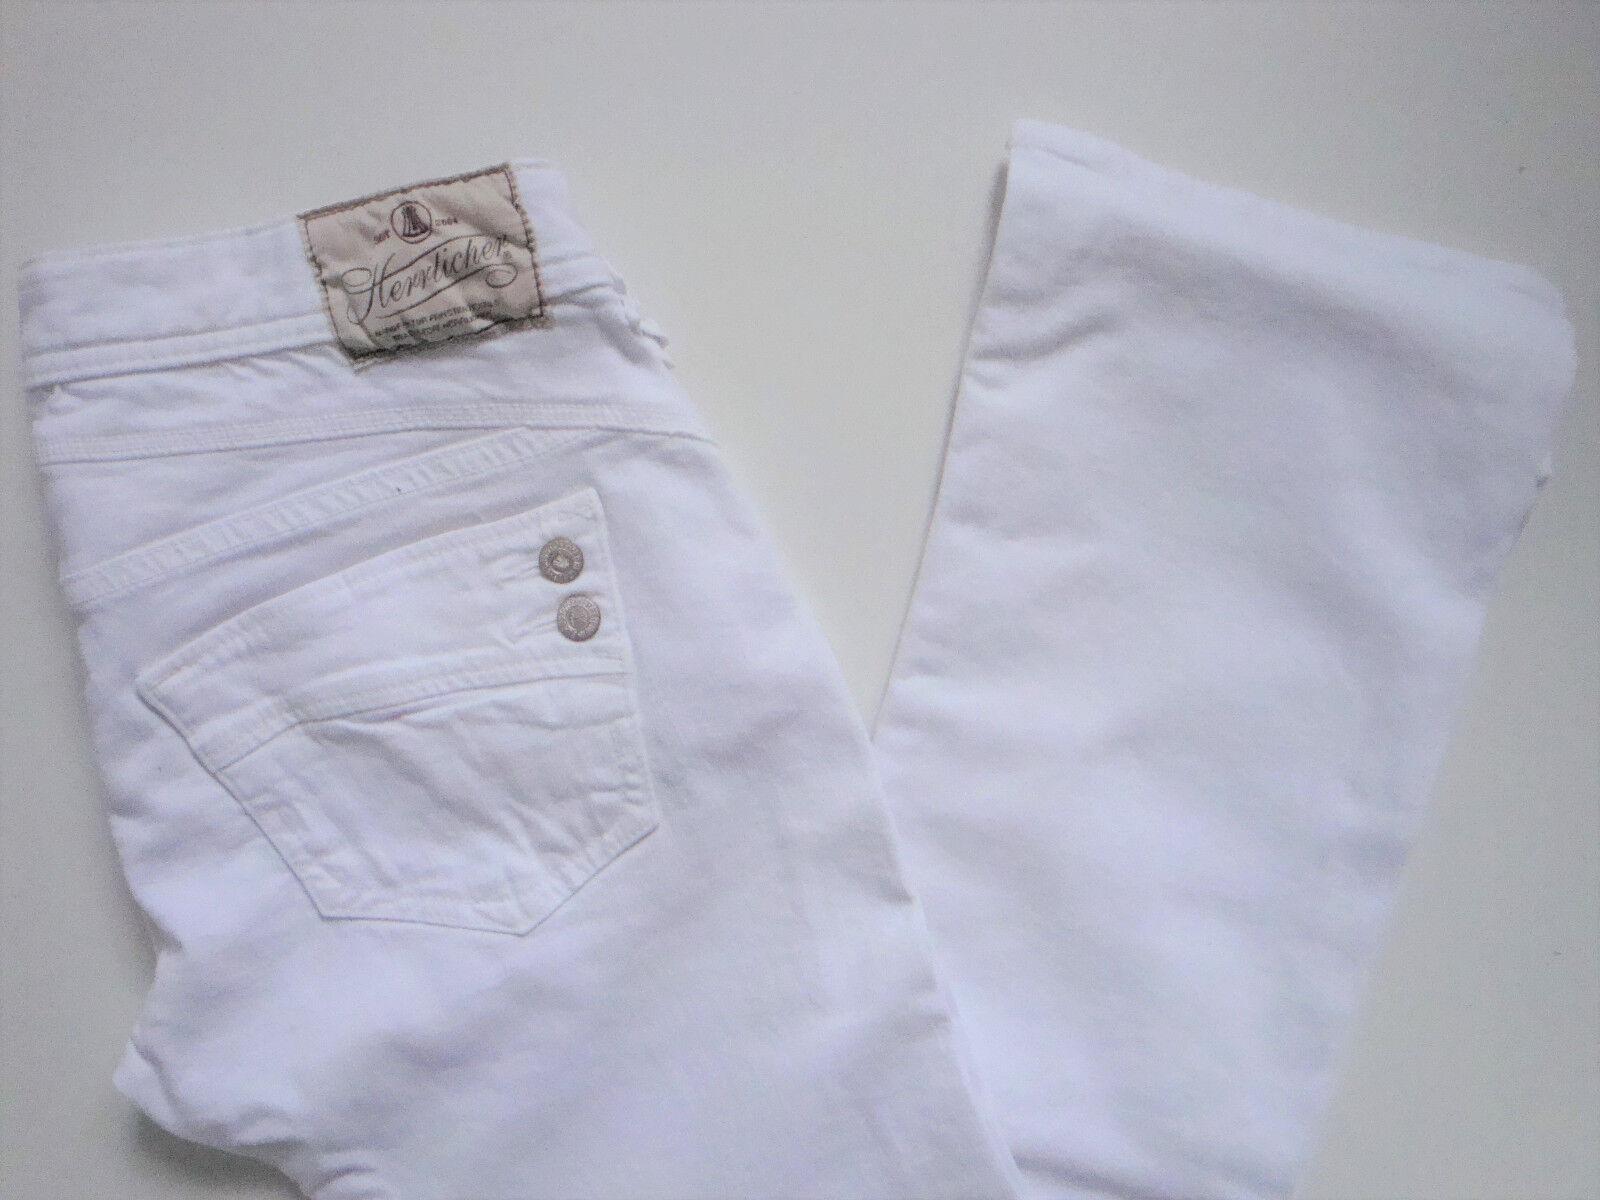 HERRLICHER   Jeans  PIPER    Stretch  Weiß  W26 W27 W28 W29 W30 W31 W32  Neu b1f49c